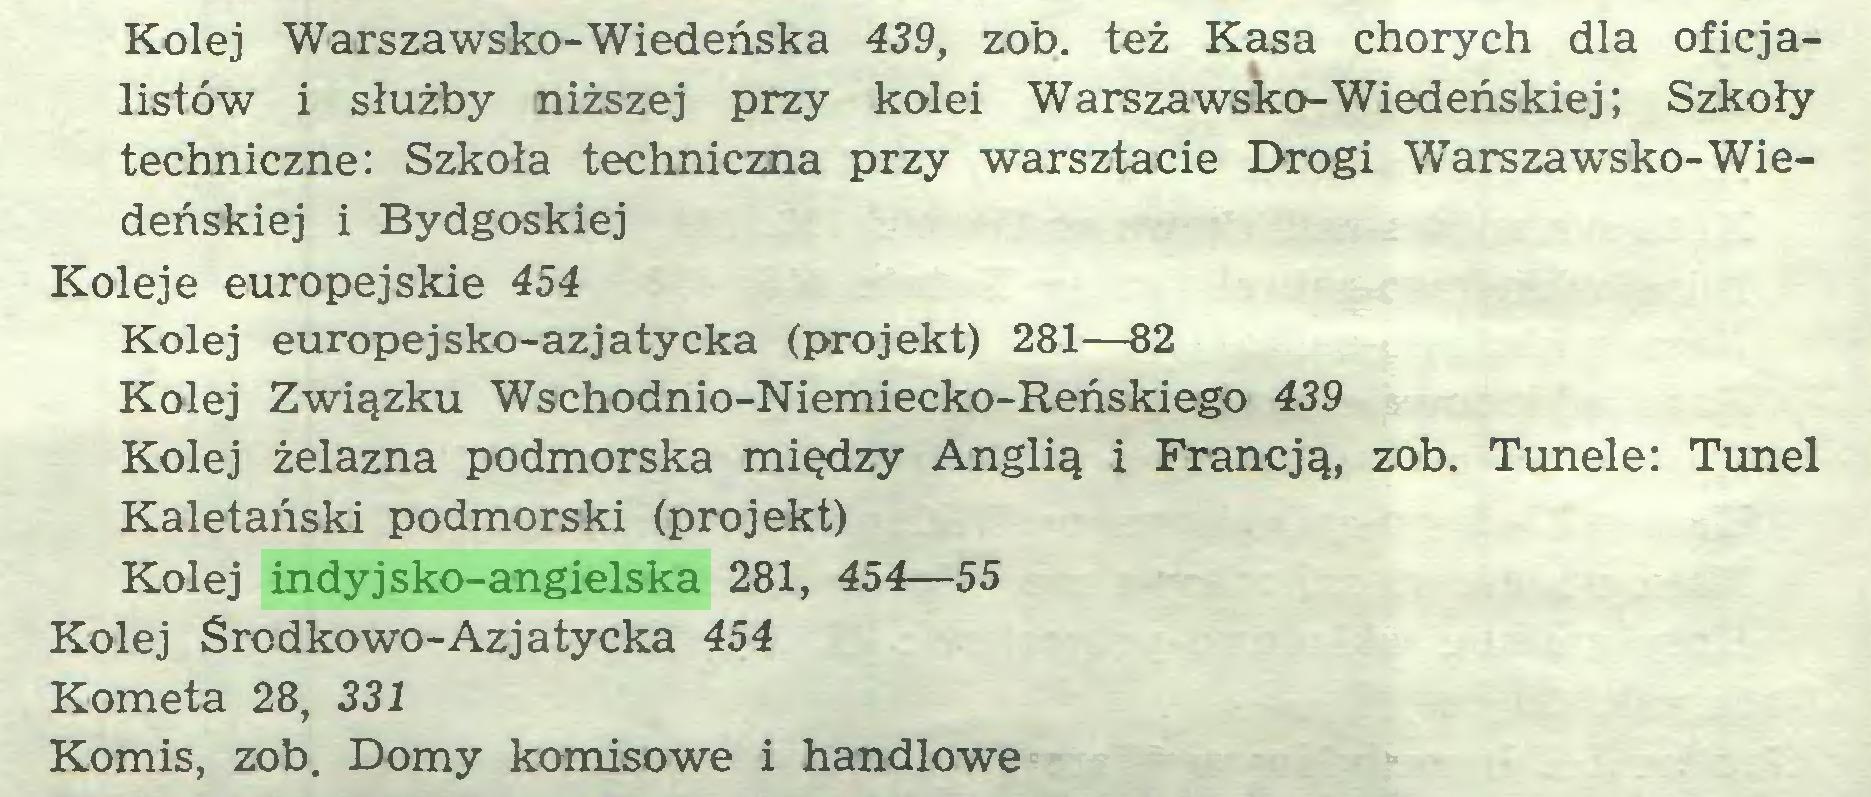 (...) Kolej Warszawsko-Wiedeńska 439, zob. też Kasa chorych dla oficjalistów i służby niższej przy kolei Warszawsko-Wiedeńskiej; Szkoły techniczne: Szkoła techniczna przy warsztacie Drogi Warszawsko-Wiedeńskiej i Bydgoskiej Koleje europejskie 454 Kolej europejsko-azjatycka (projekt) 281—82 Kolej Związku Wschodnio-Niemiecko-Reńskiego 439 Kolej żelazna podmorska między Anglią i Francją, zob. Tunele: Tunel Kaletański podmorski (projekt) Kolej indyjsko-angielska 281, 454—55 Kolej Środkowo-Azjatycka 454 Kometa 28, 331 Komis, zob. Domy komisowe i handlowe...